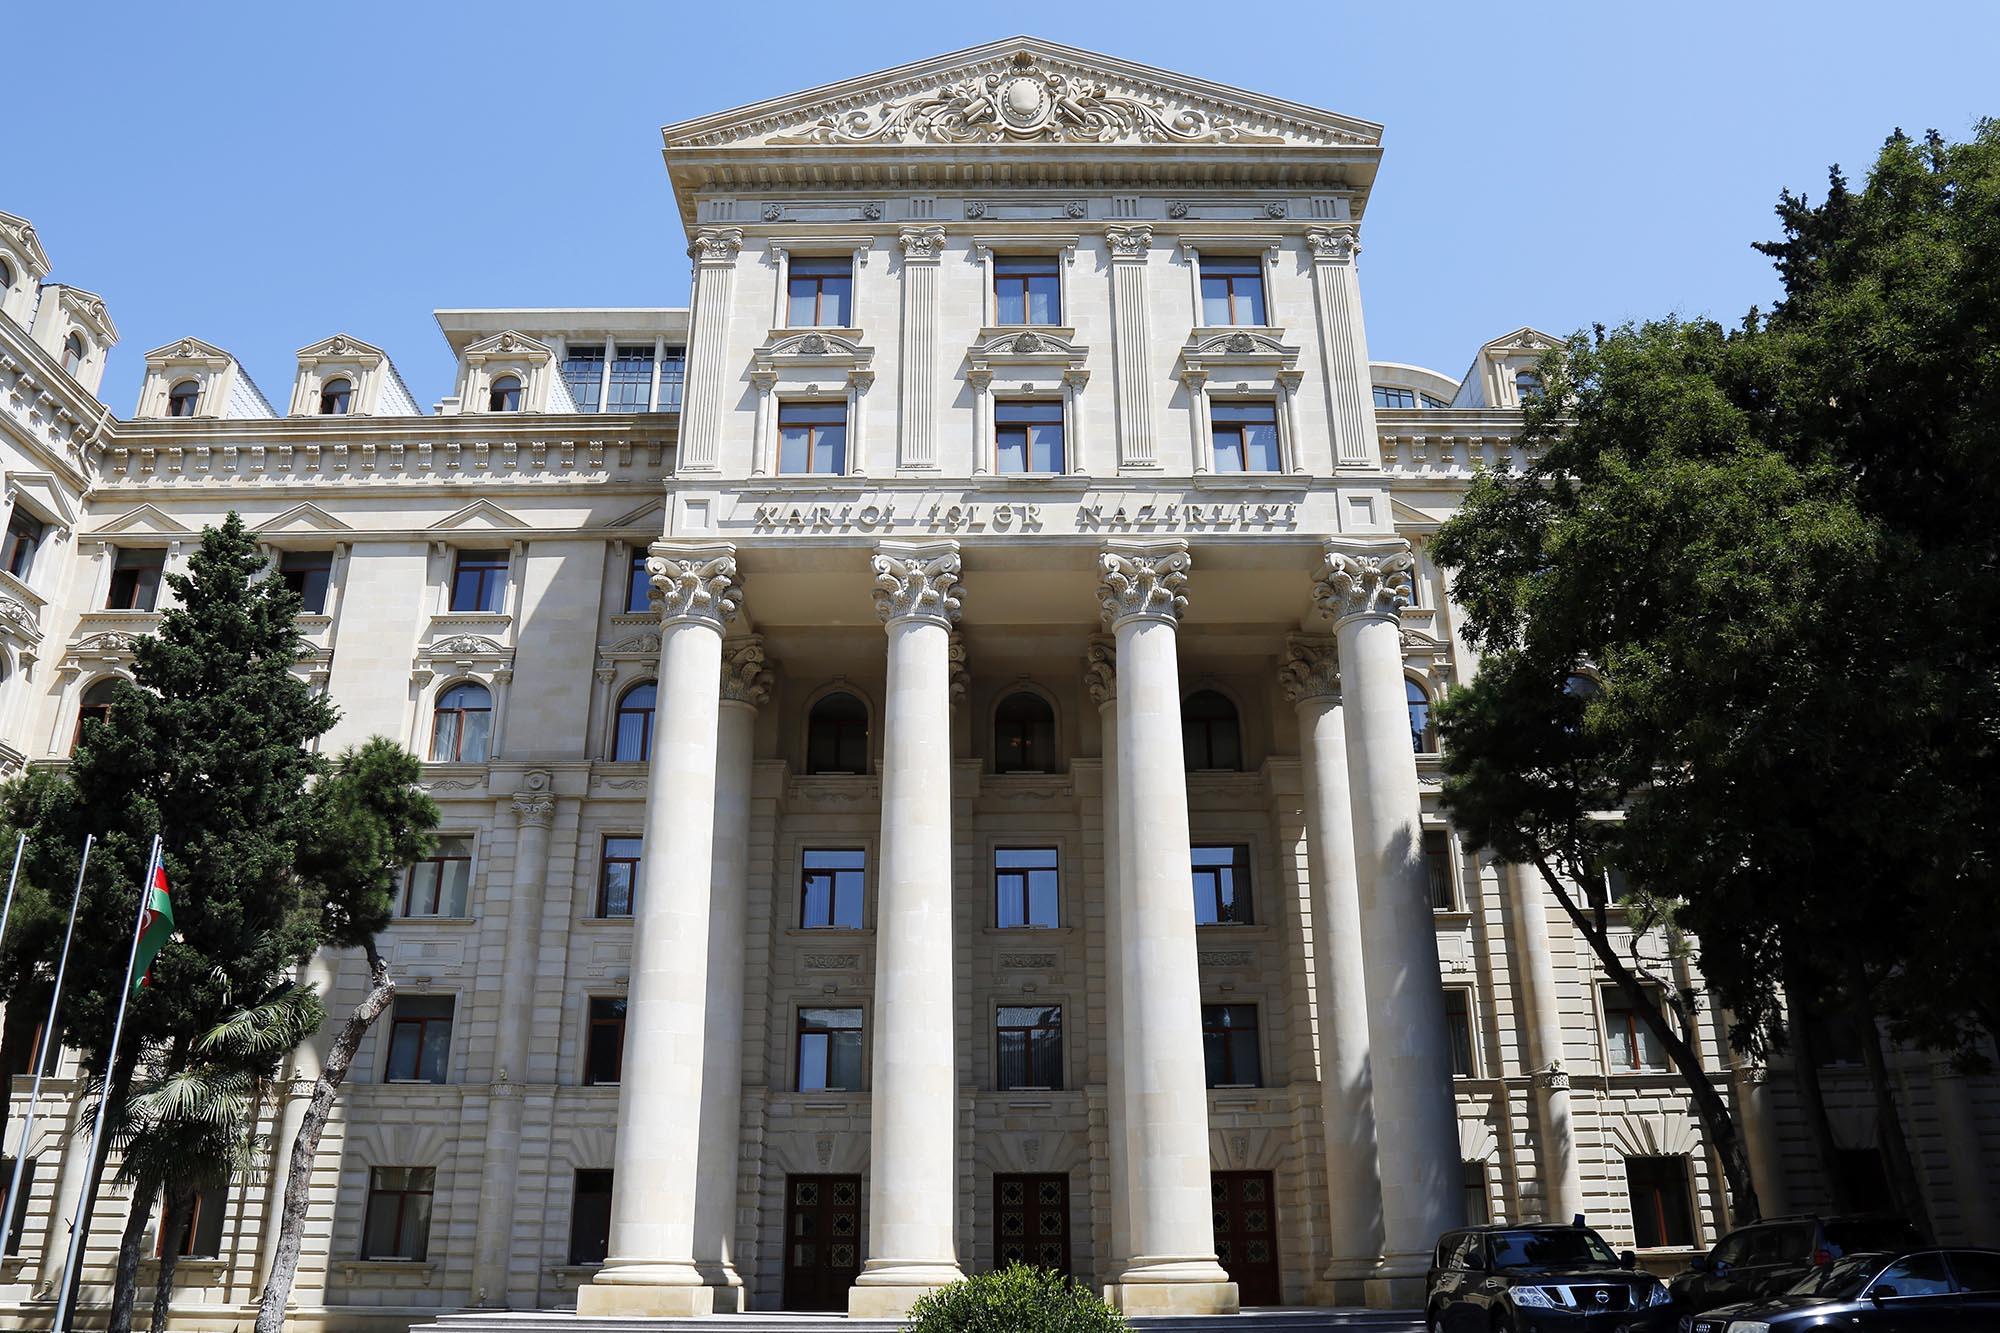 МИД: Информация о том, есть ли азербайджанцы среди жертв и пострадавших в результате сильного землетрясения в Италии, не поступала